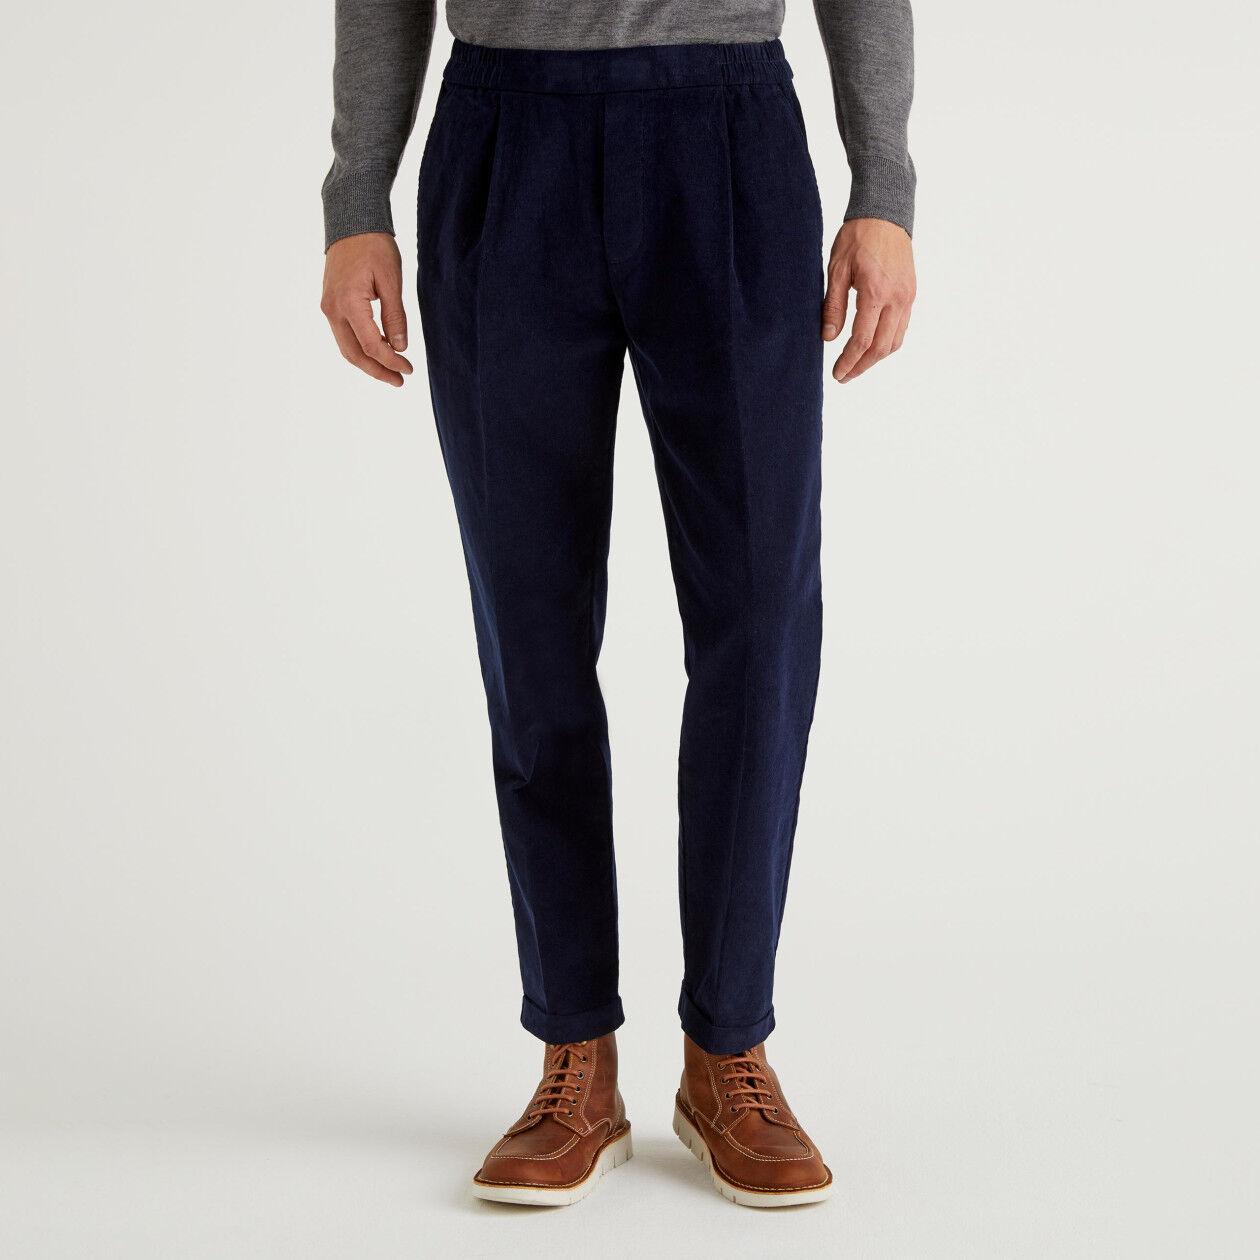 Παντελόνι από βελούδο με ρεβέρ